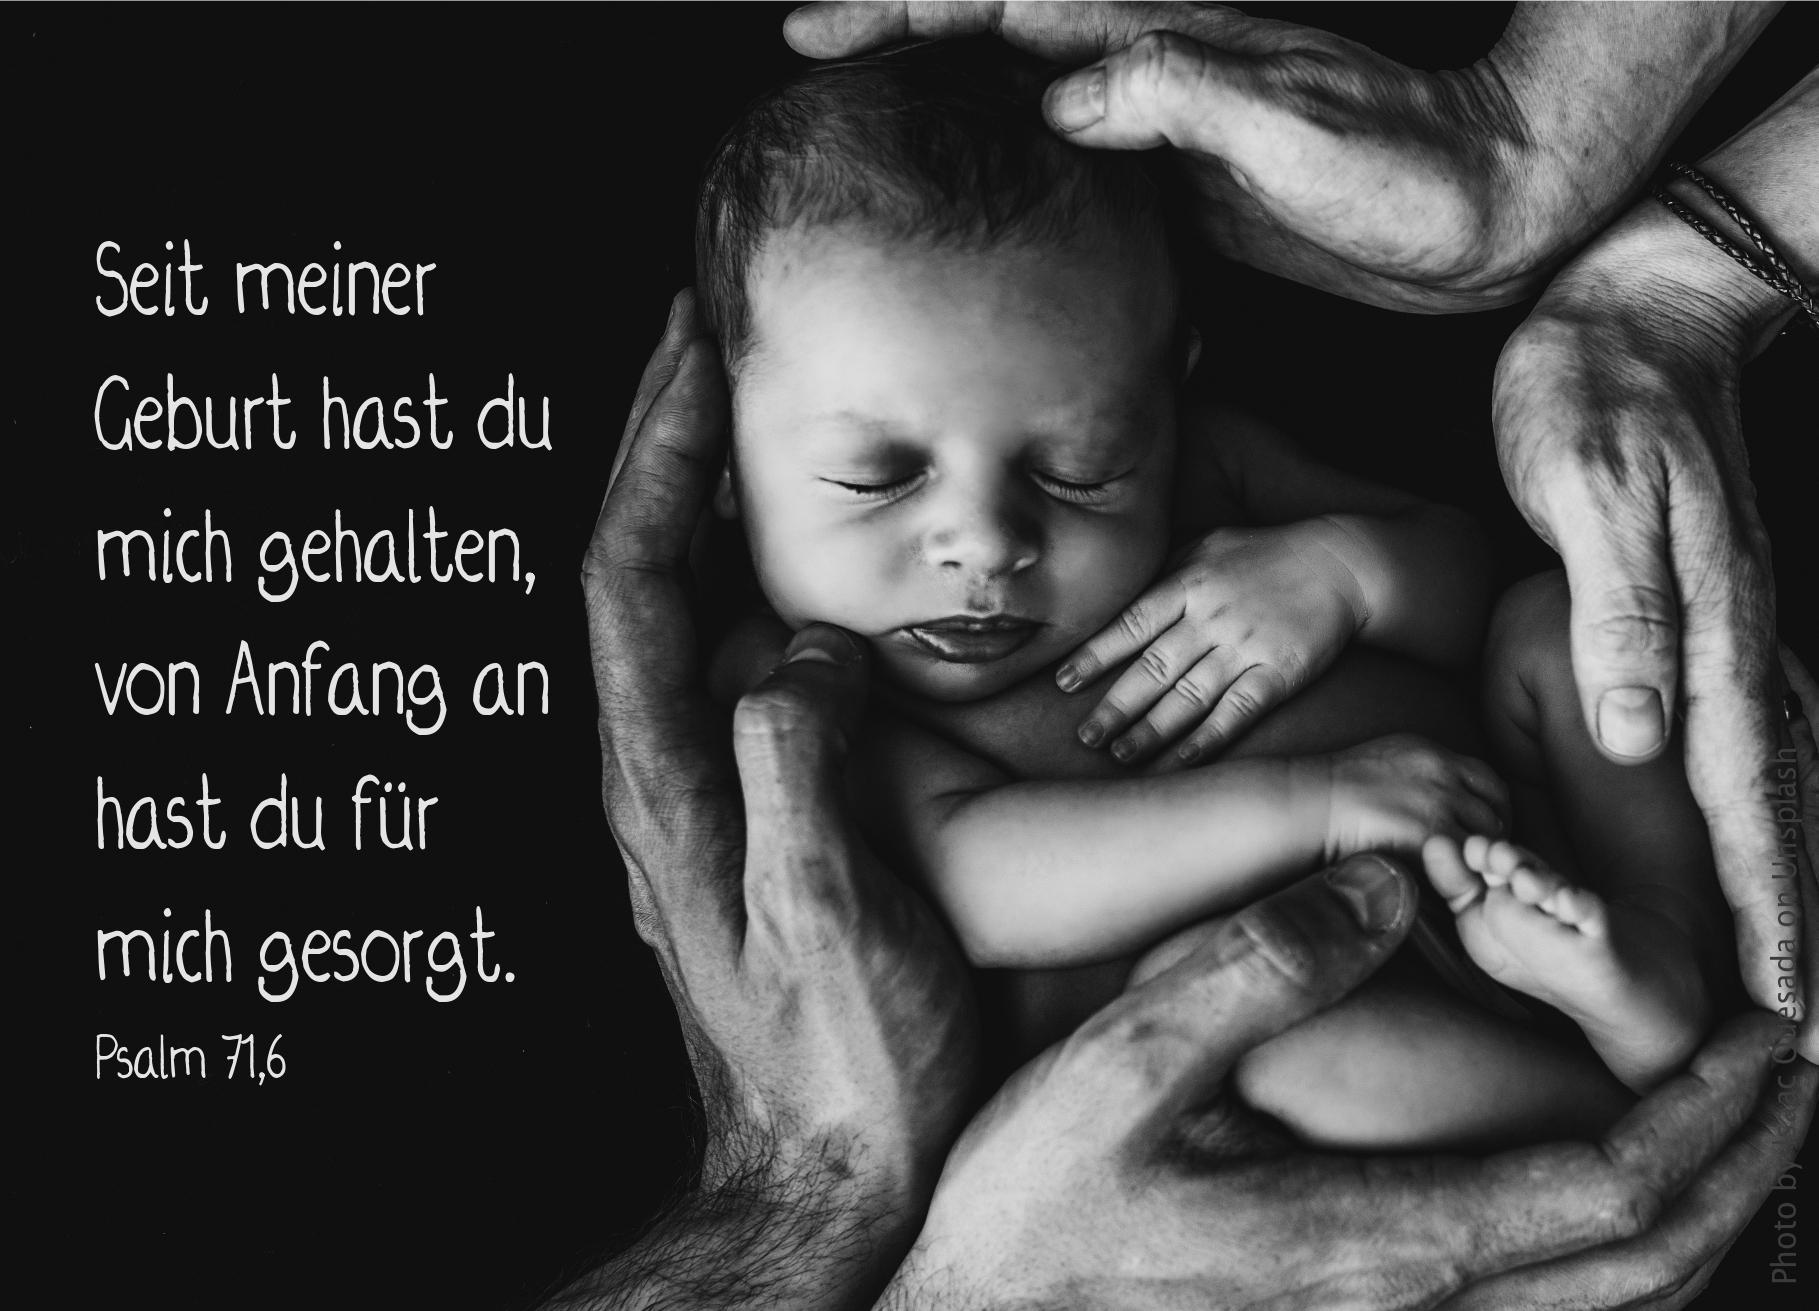 """alt=""""Baby_von_vier_Haenden_gehalten_erwartet_bibelhoerbuch_Vorgaben_und_Pharisaeer"""""""